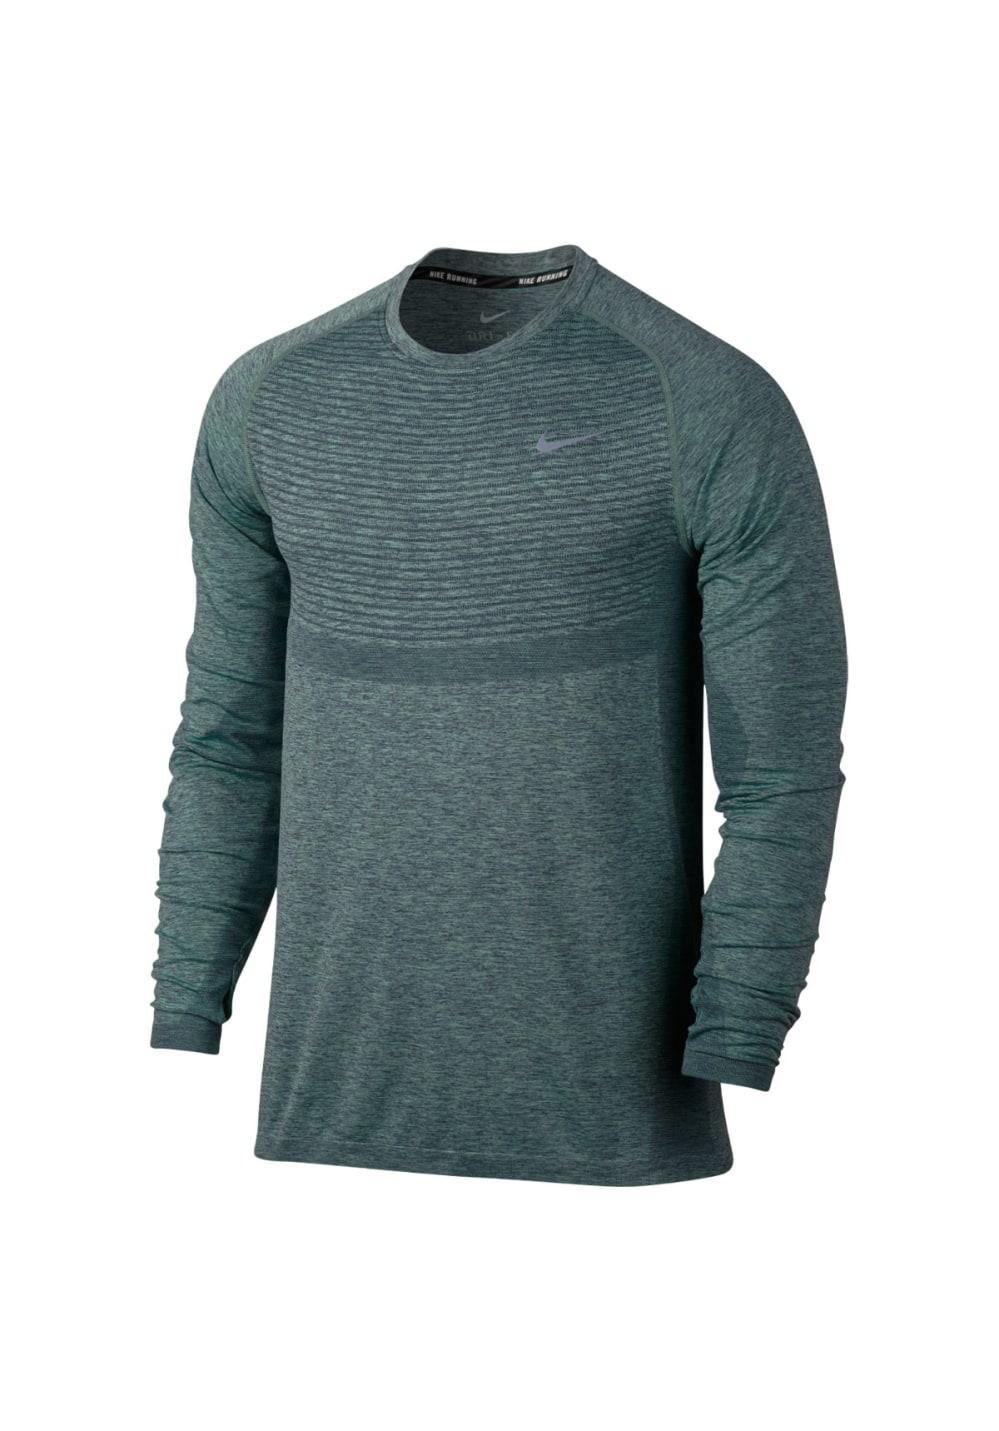 Nike Dri FIT Knit Running Top Laufshirts für Herren Grau